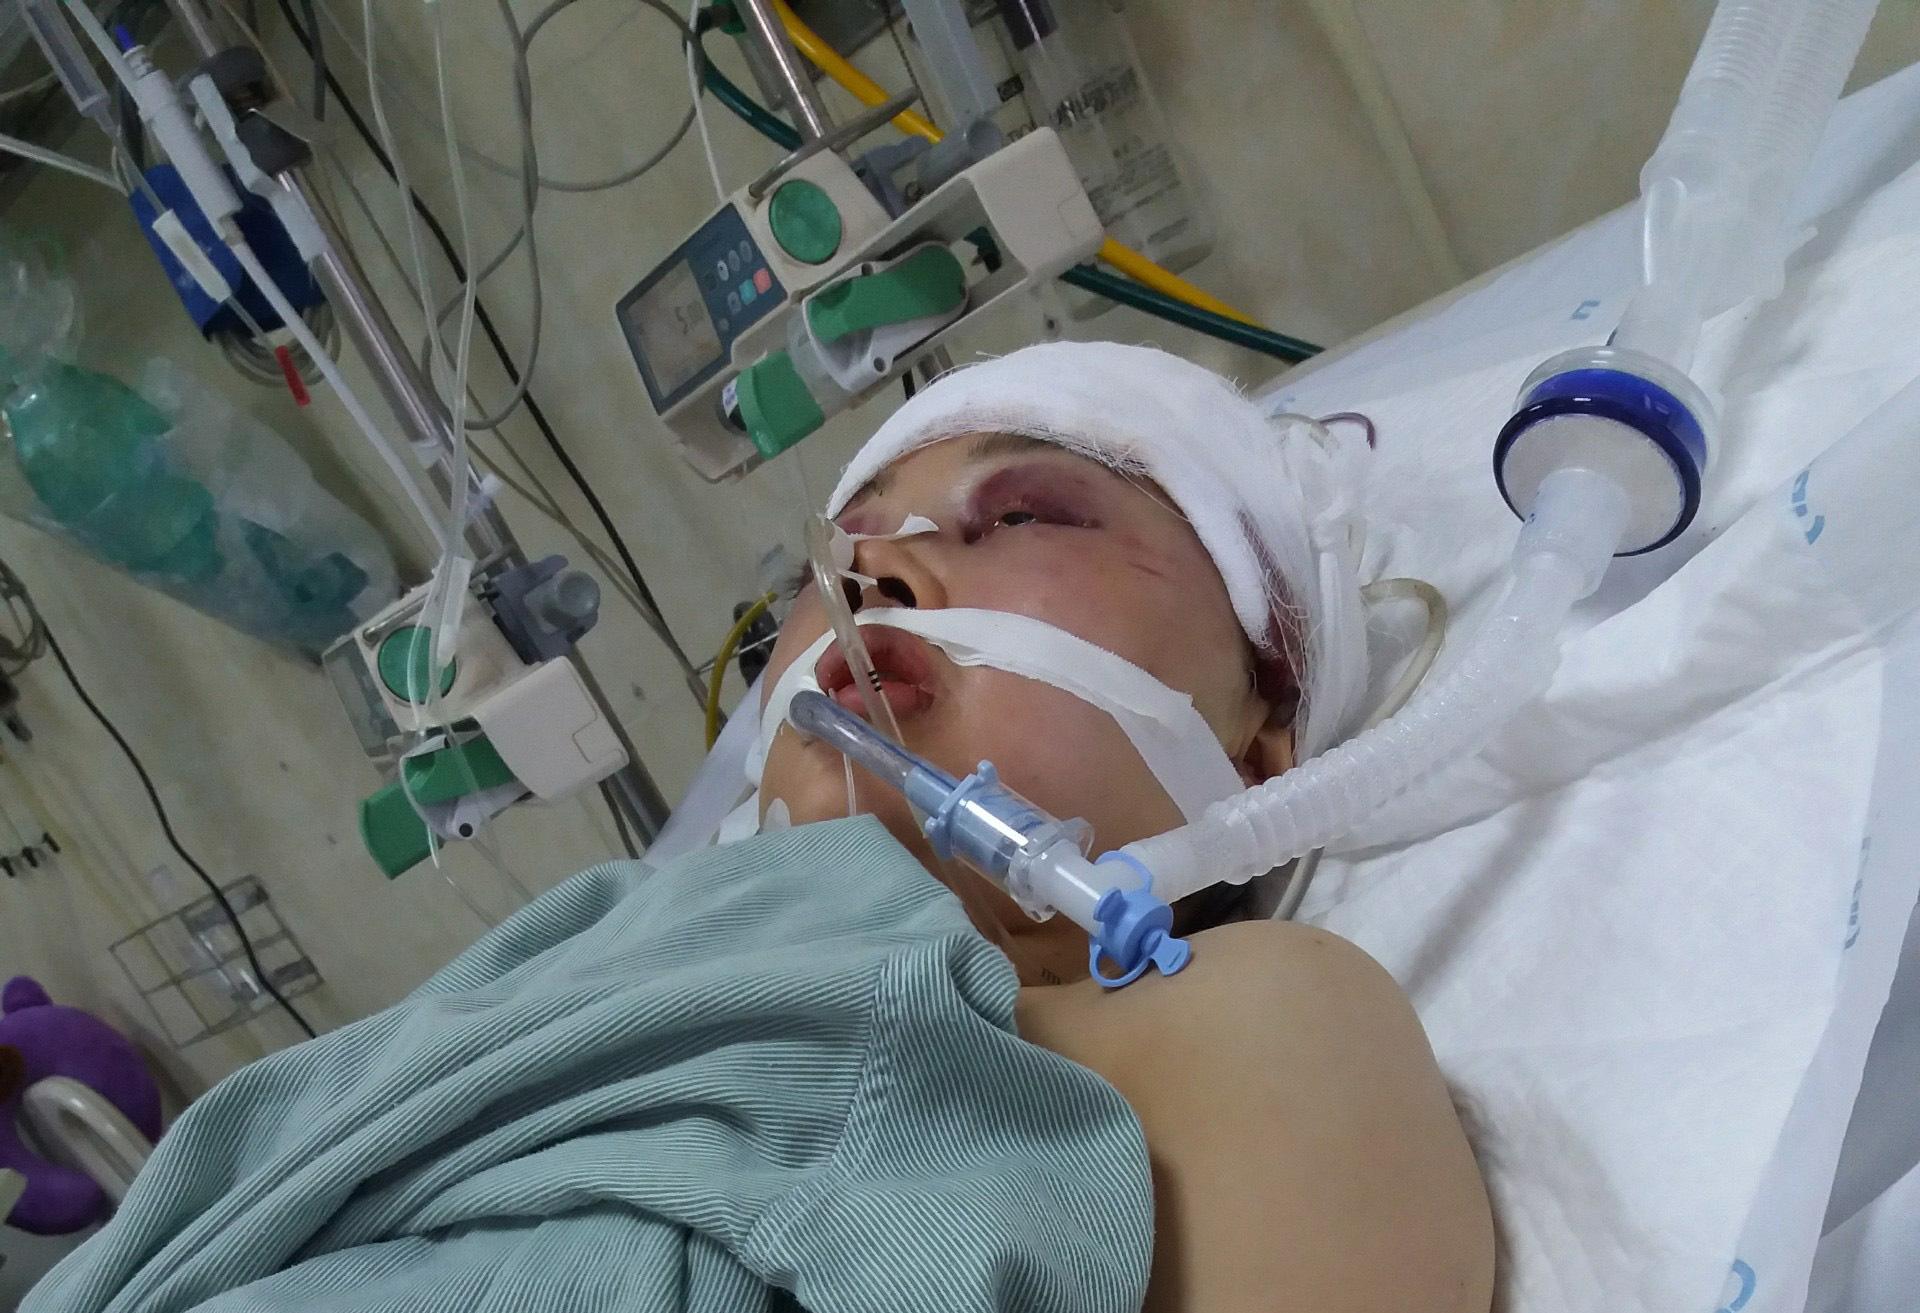 """Chị gái nguy kịch vì tai nạn giao thông, em trai sắp trở thành bác sỹ ước: """"Em chỉ mong rằng chị sẽ tỉnh lại!""""  - Ảnh 2."""